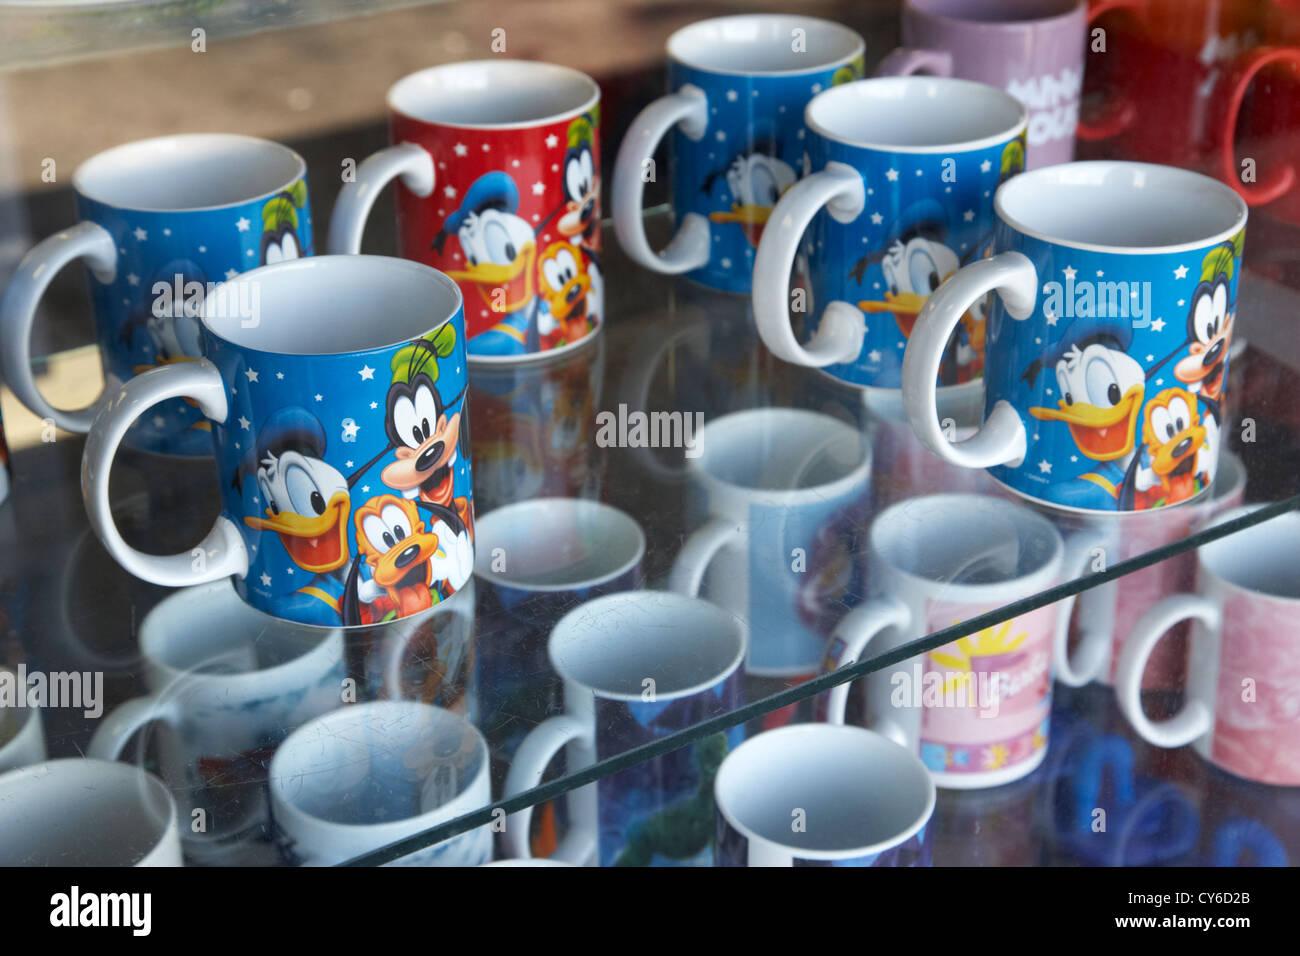 Personaggi Disney tazze in vendita in un negozio di souvenir florida usa Immagini Stock